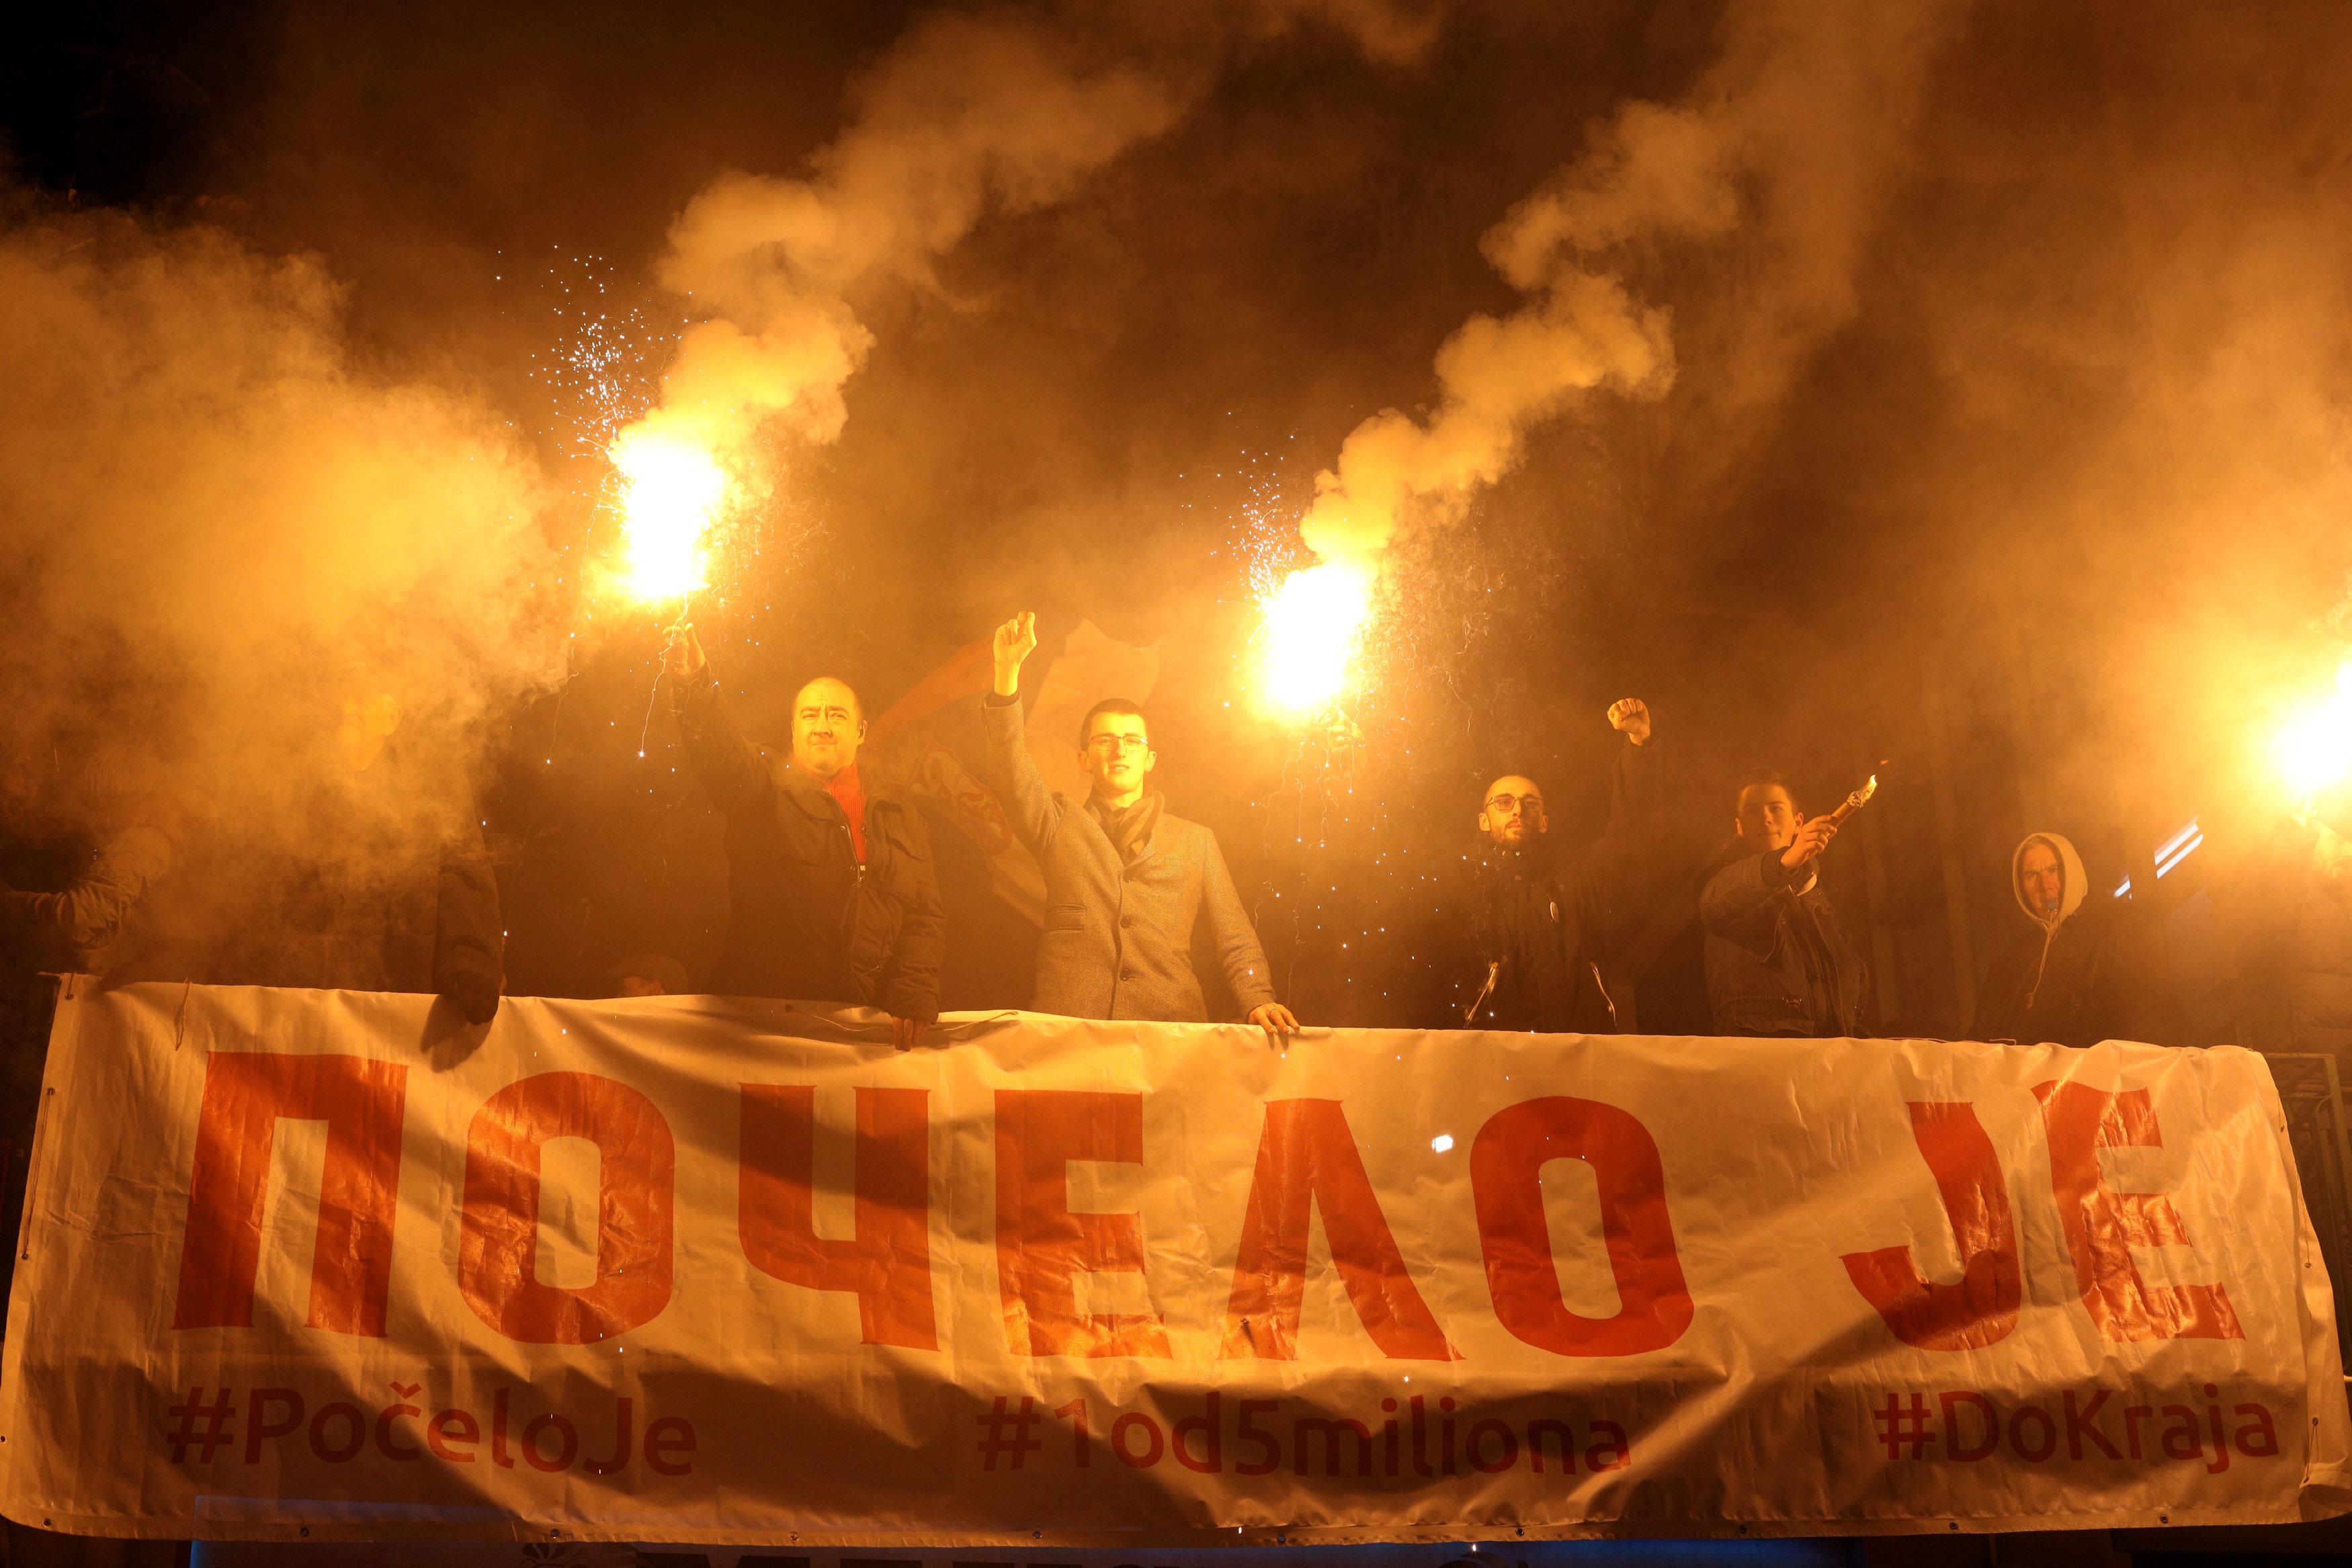 الاحتجاجات الحاشدة ضد الرئيس الصربى فى شوارع بلجراد (2)